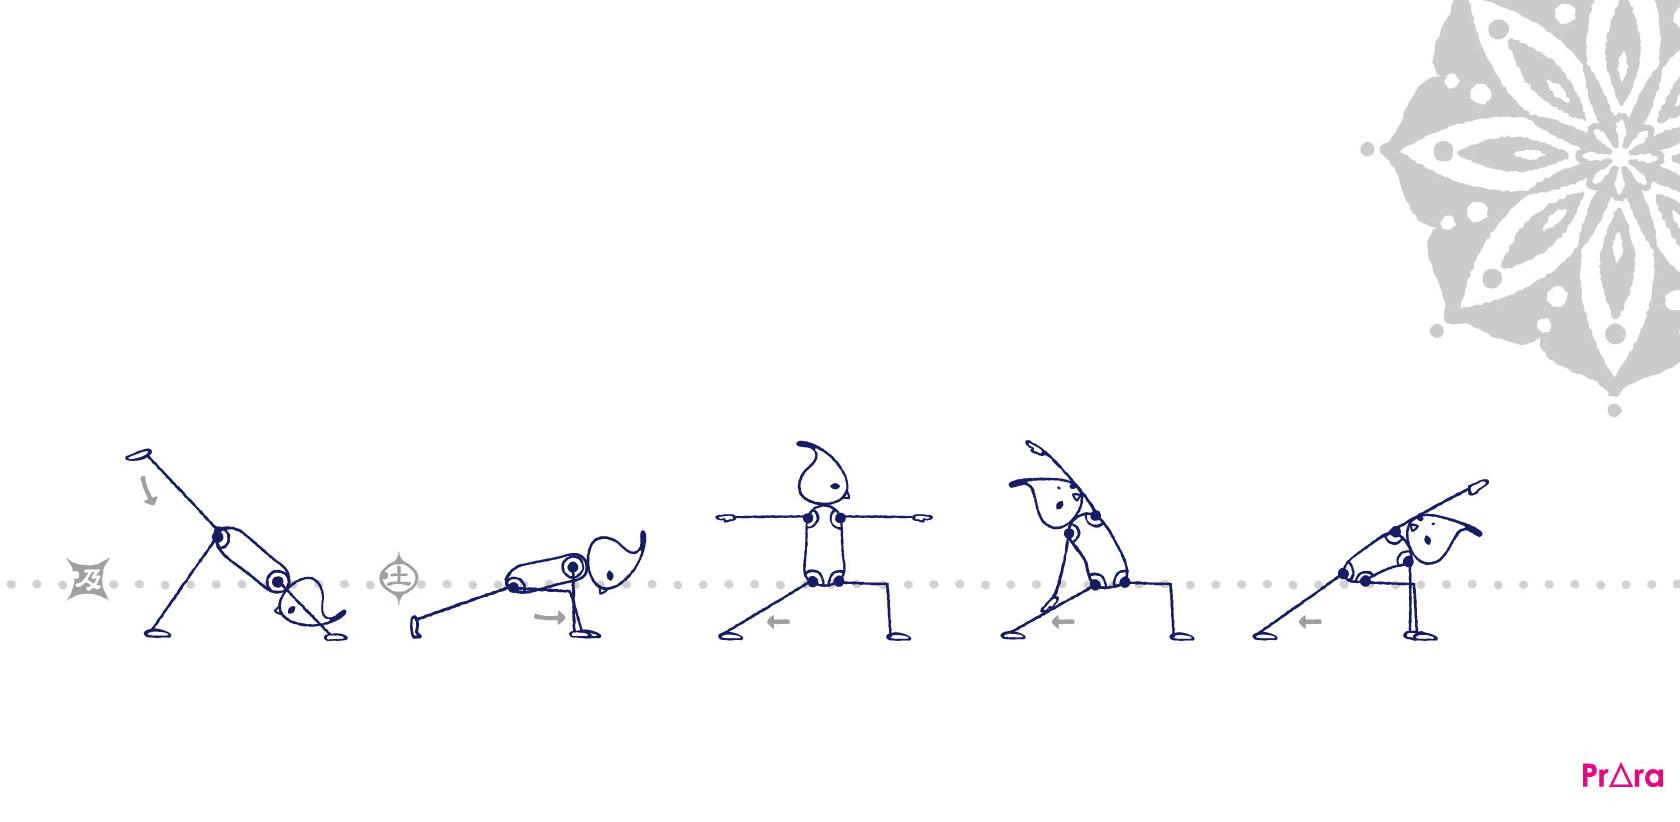 プラーラによる股関節フローの横の動き